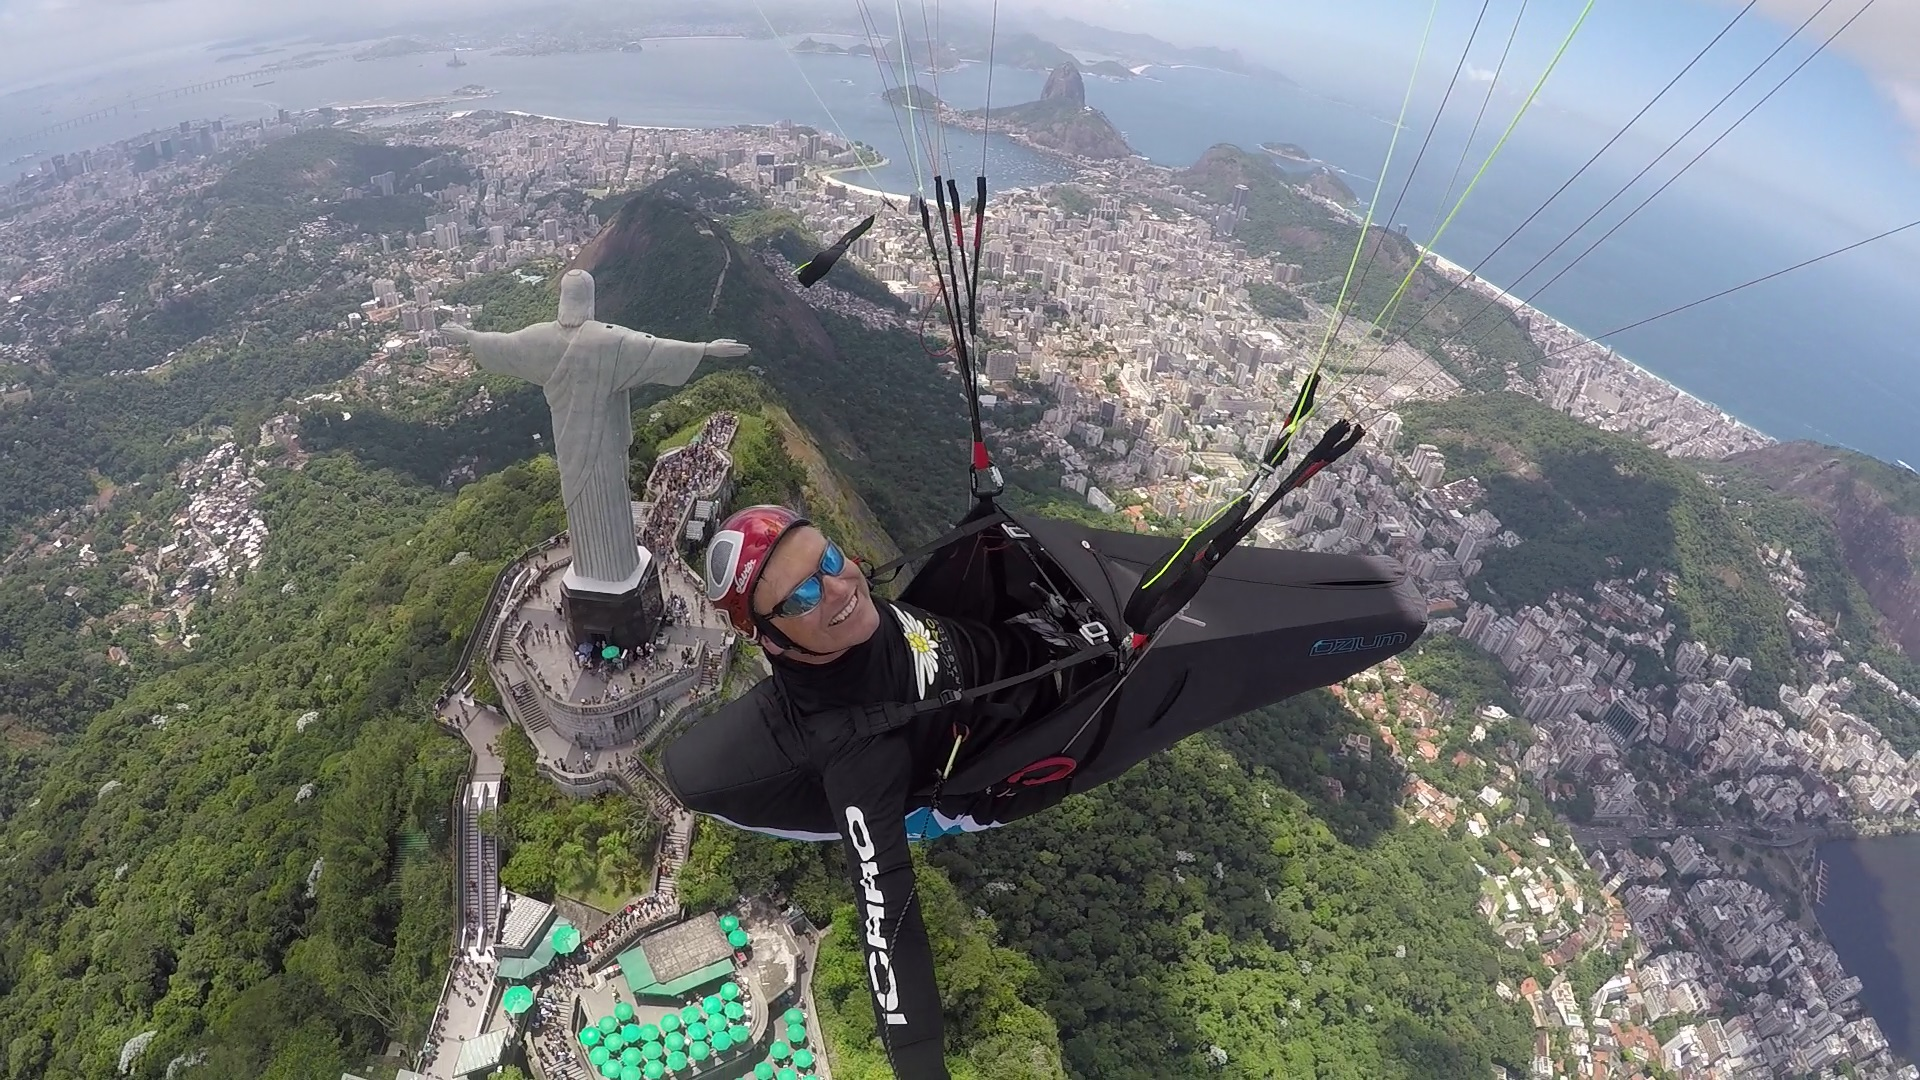 GS_16999_Rio-de-Janeiro.jpg